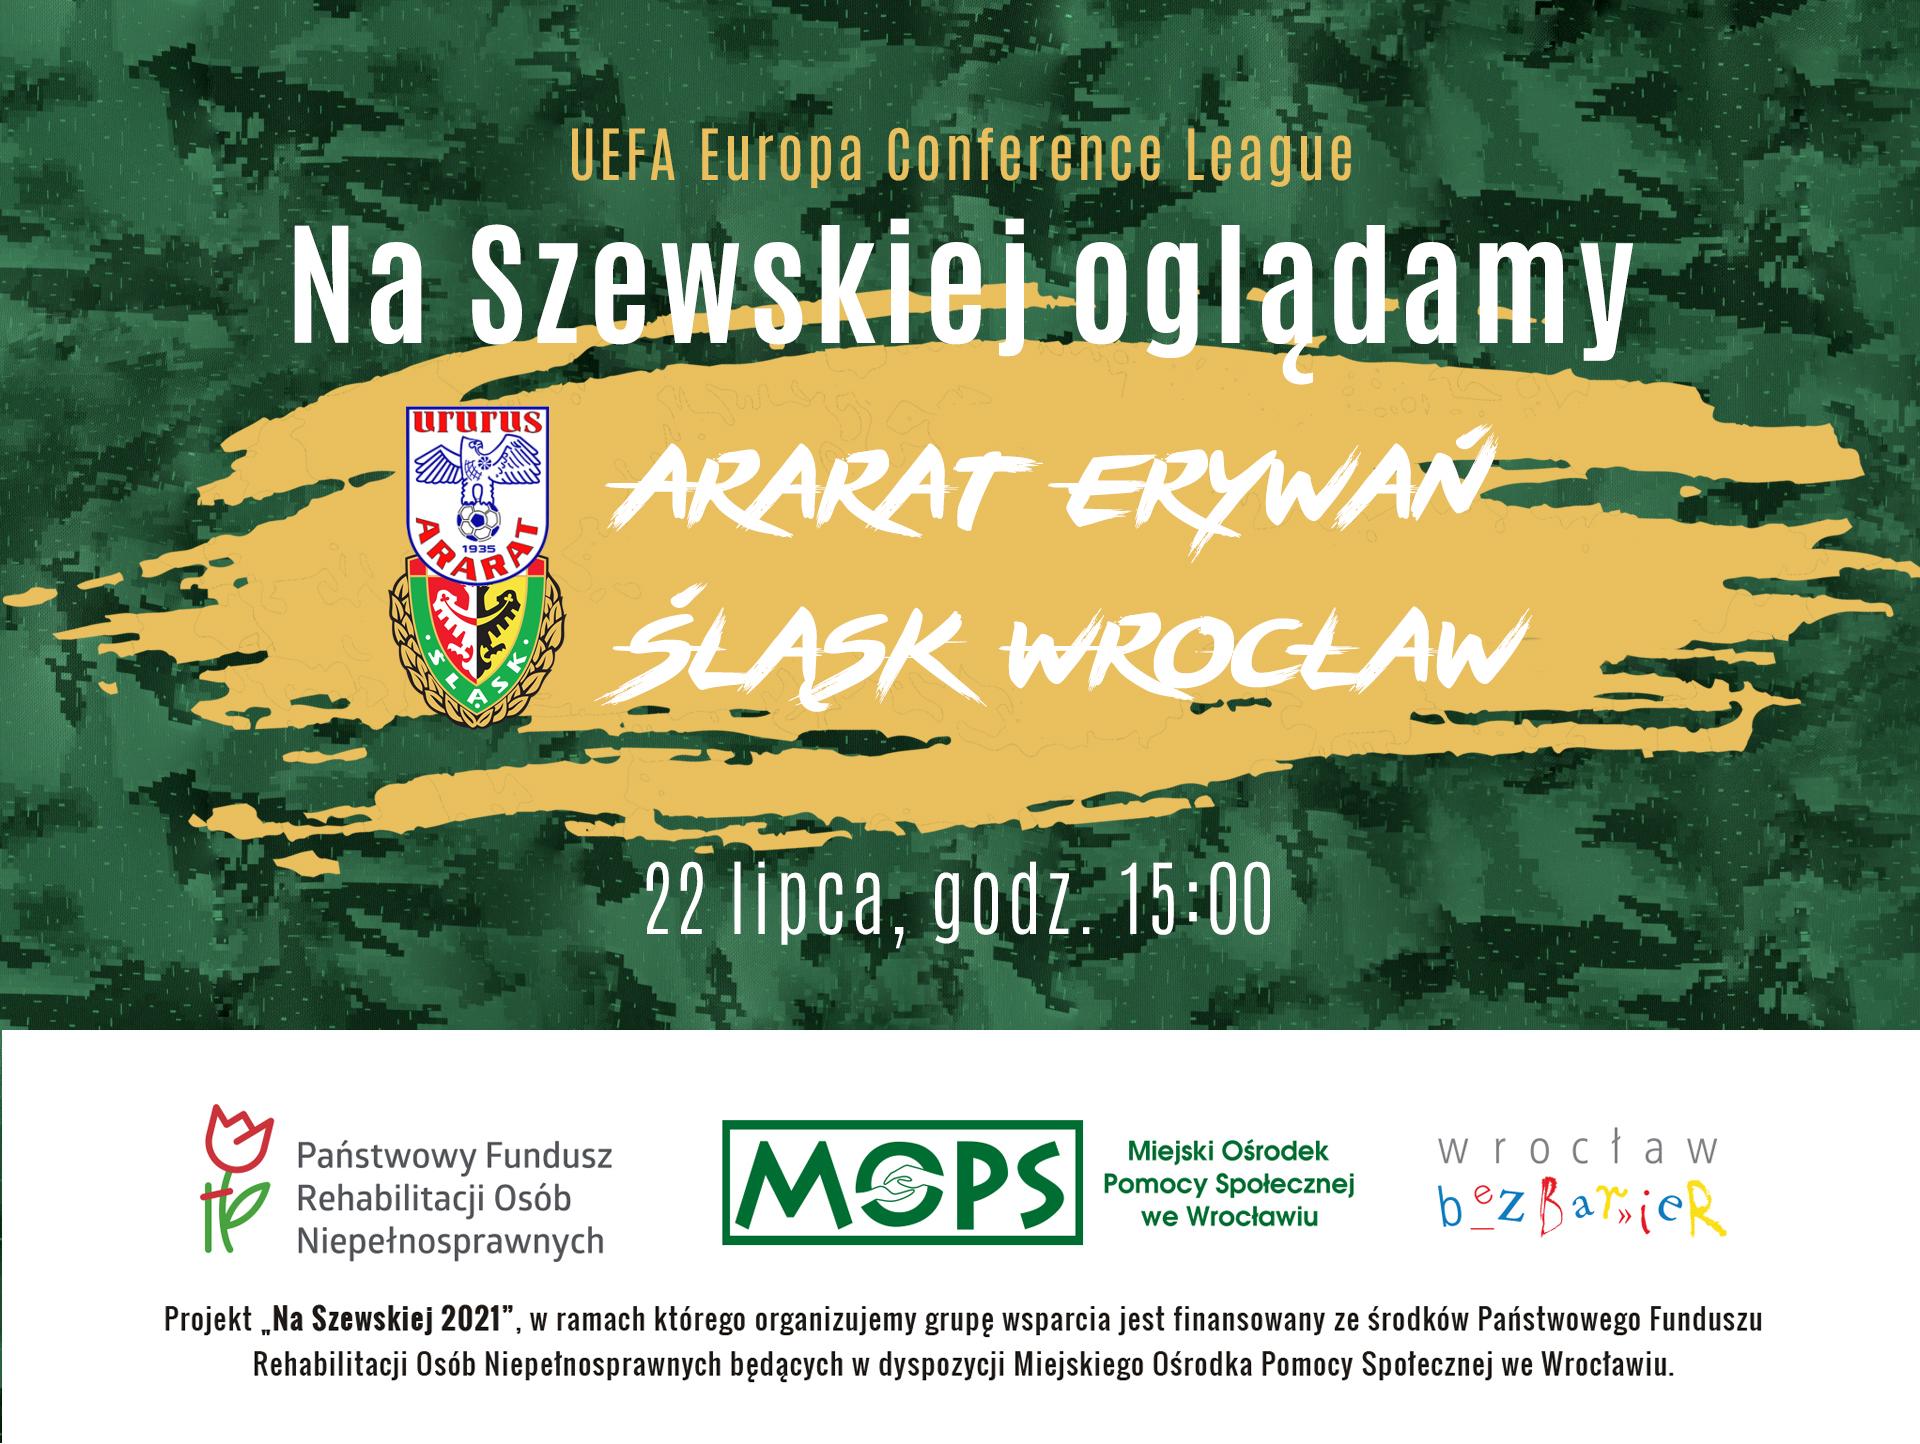 Karta informacyjne: Na Szewskiej oglądamy Ararat Erewań – Śląsk Wrocław, 22 lipca, godz. 15:00. Na dole logotypy projektu